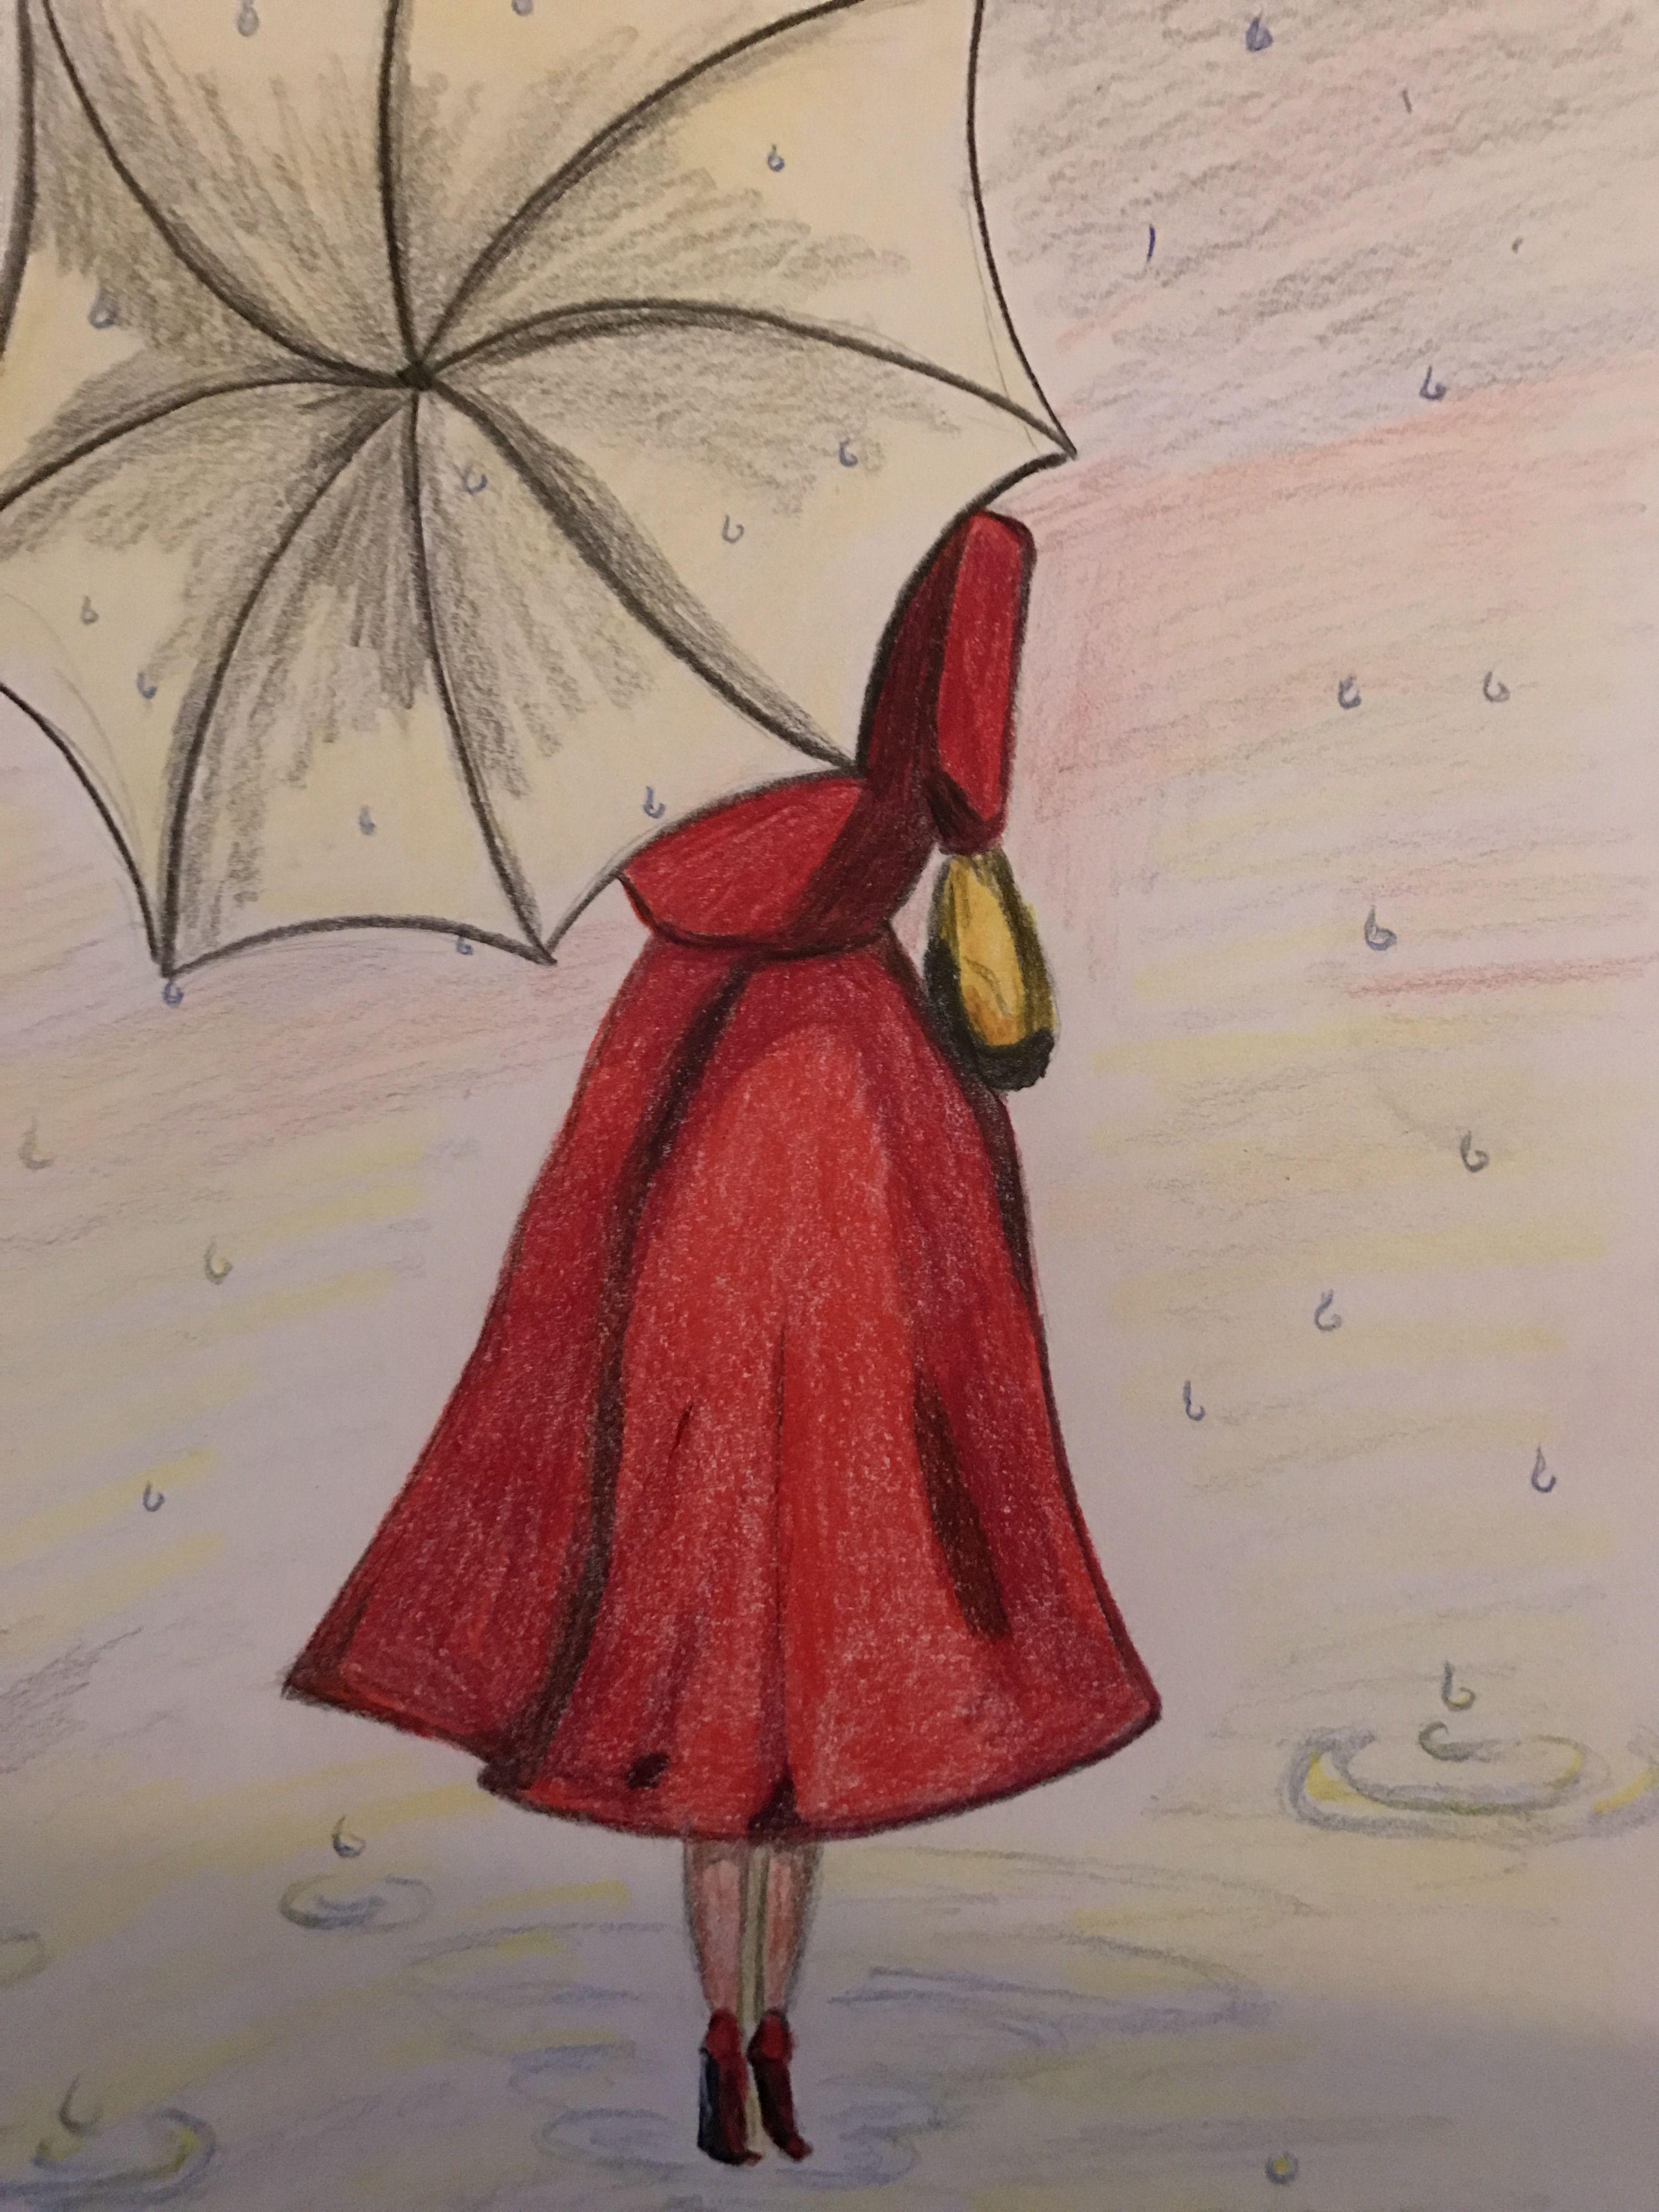 Debajo De La Sombrilla Tenemos Privacidad Art Drawings Simple Art Drawings Sketches Art Drawings Sketches Simple